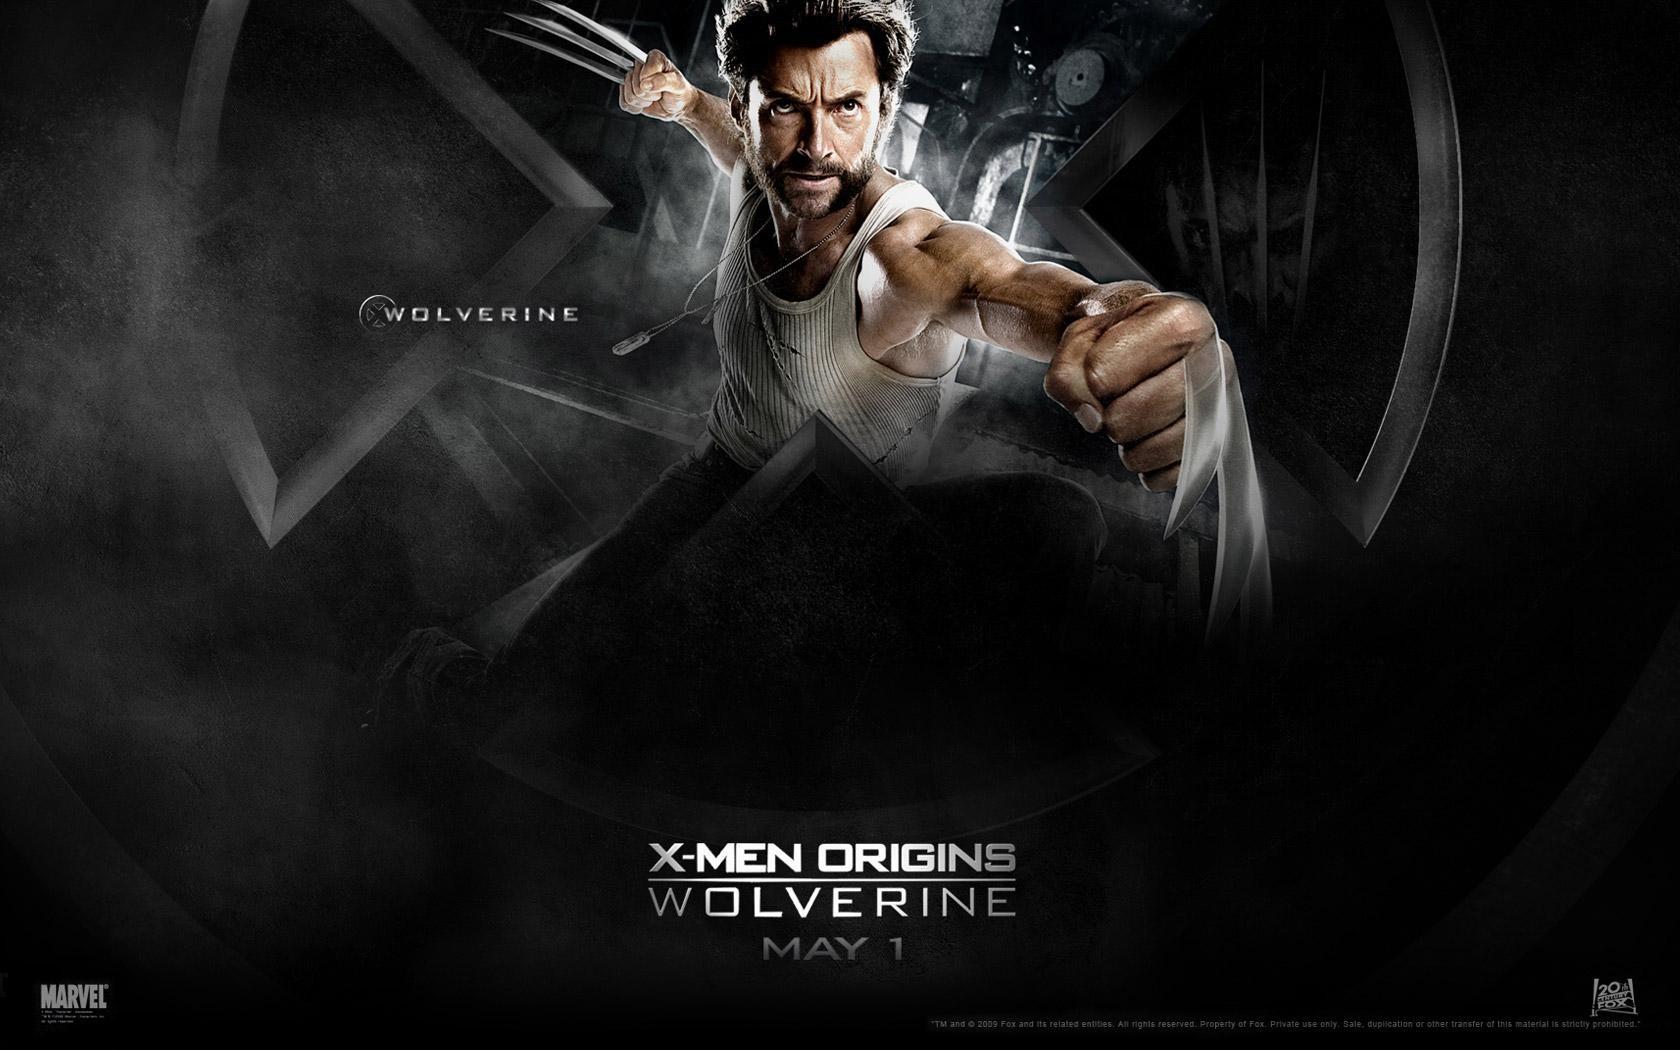 Un wallaper del film X-Men - Le origini: Wolverine con Hugh Jackman, interprete di Wolverine